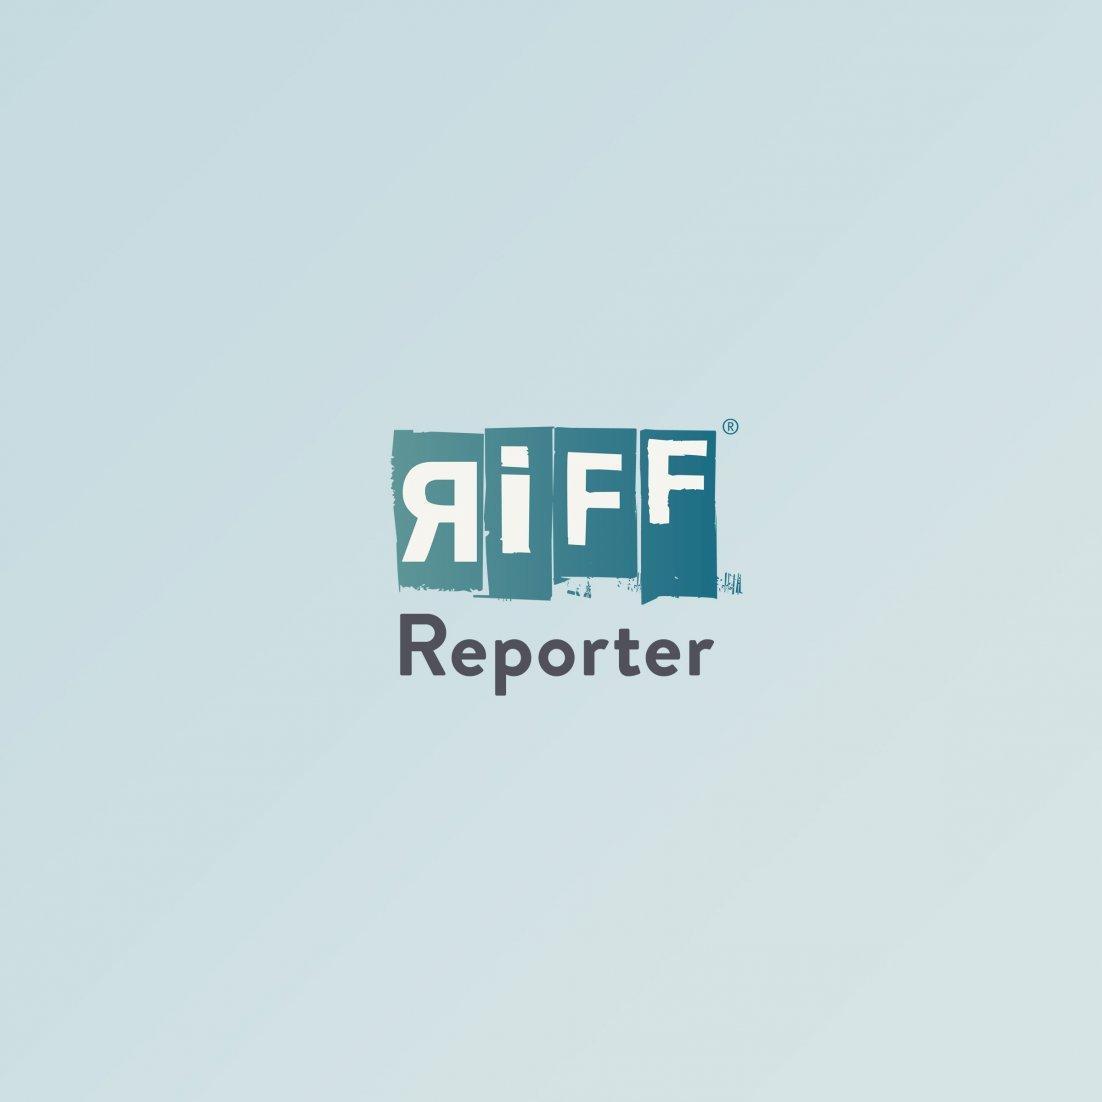 Peter Welchering